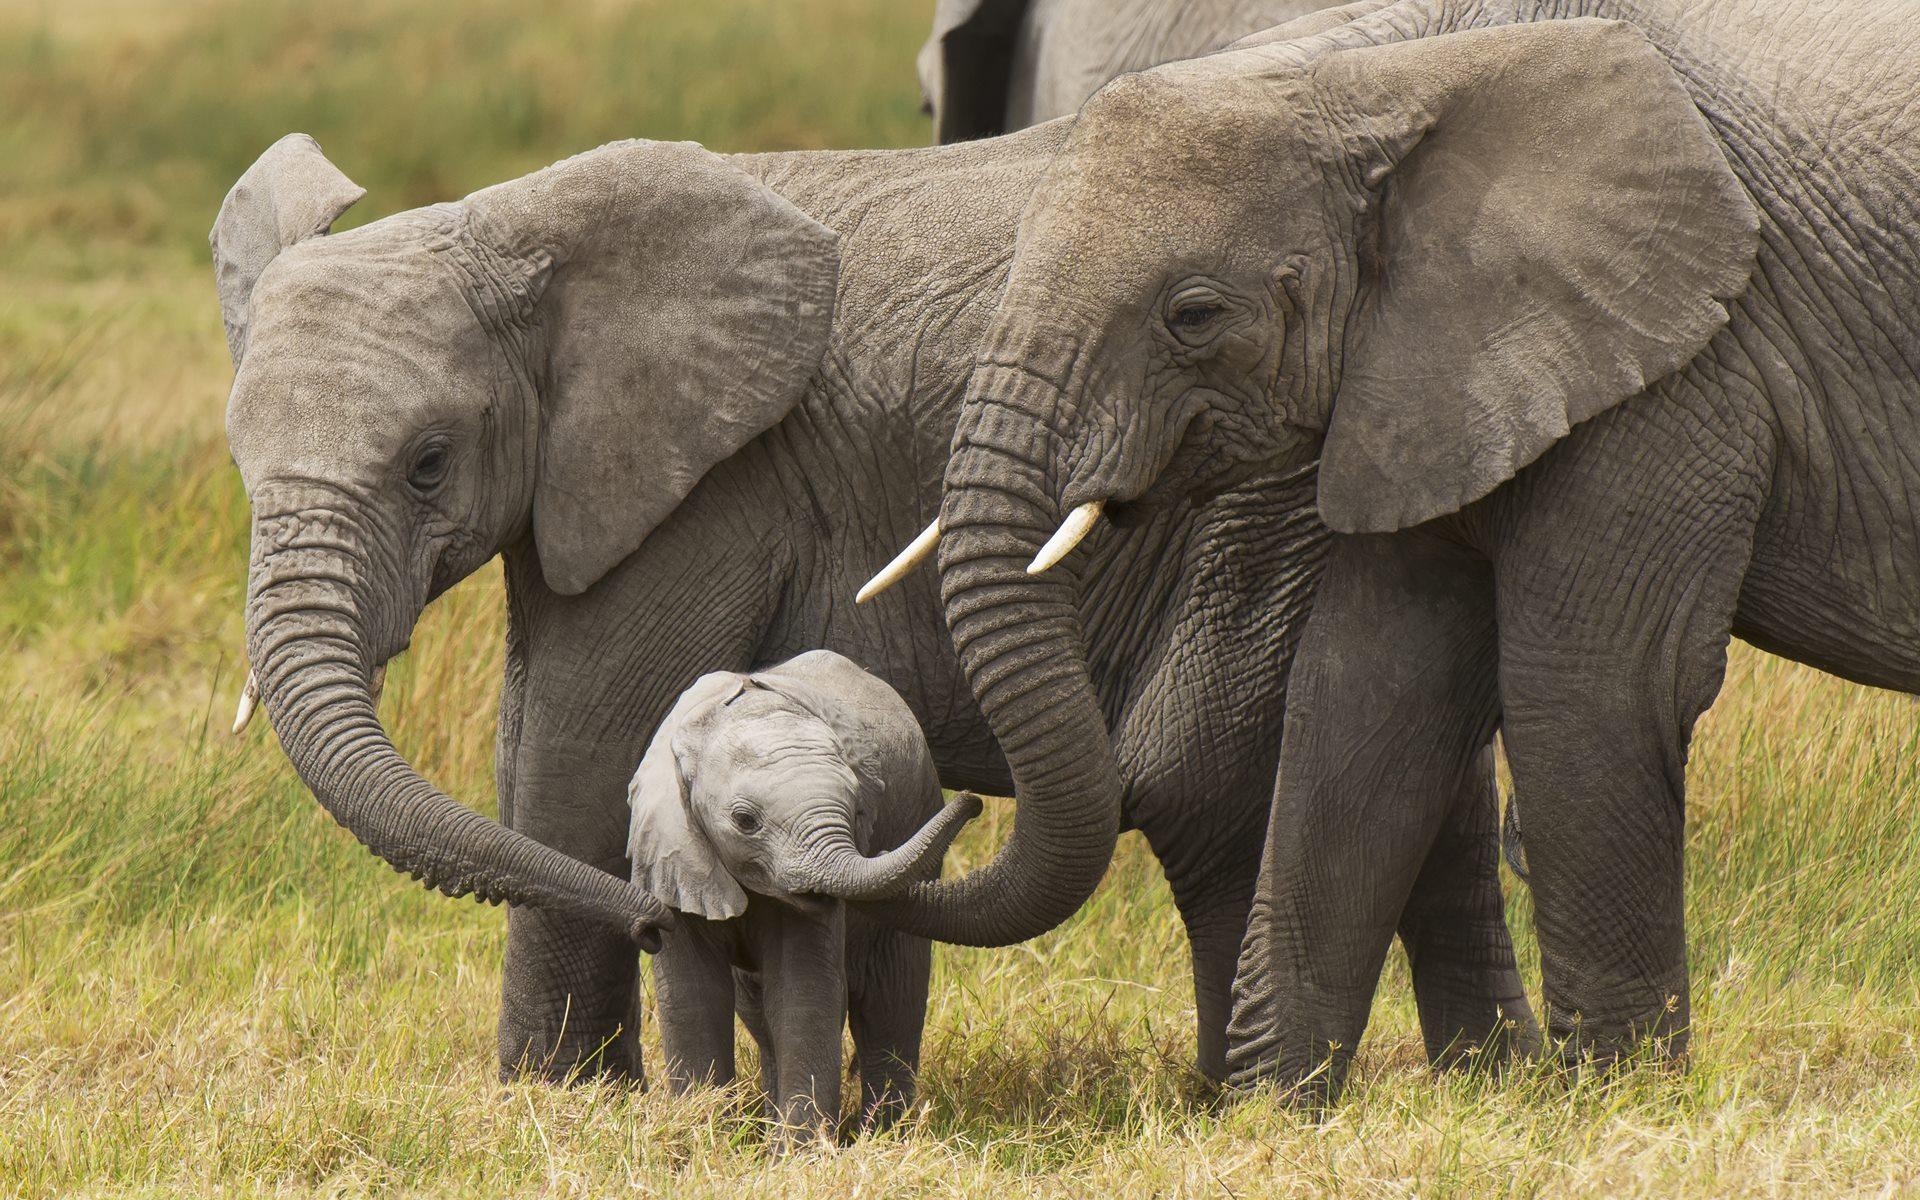 Cute Babies Hd Wallpapers For Mobile Free Download Desktop Elephant Hd Wallpapers Pixelstalk Net